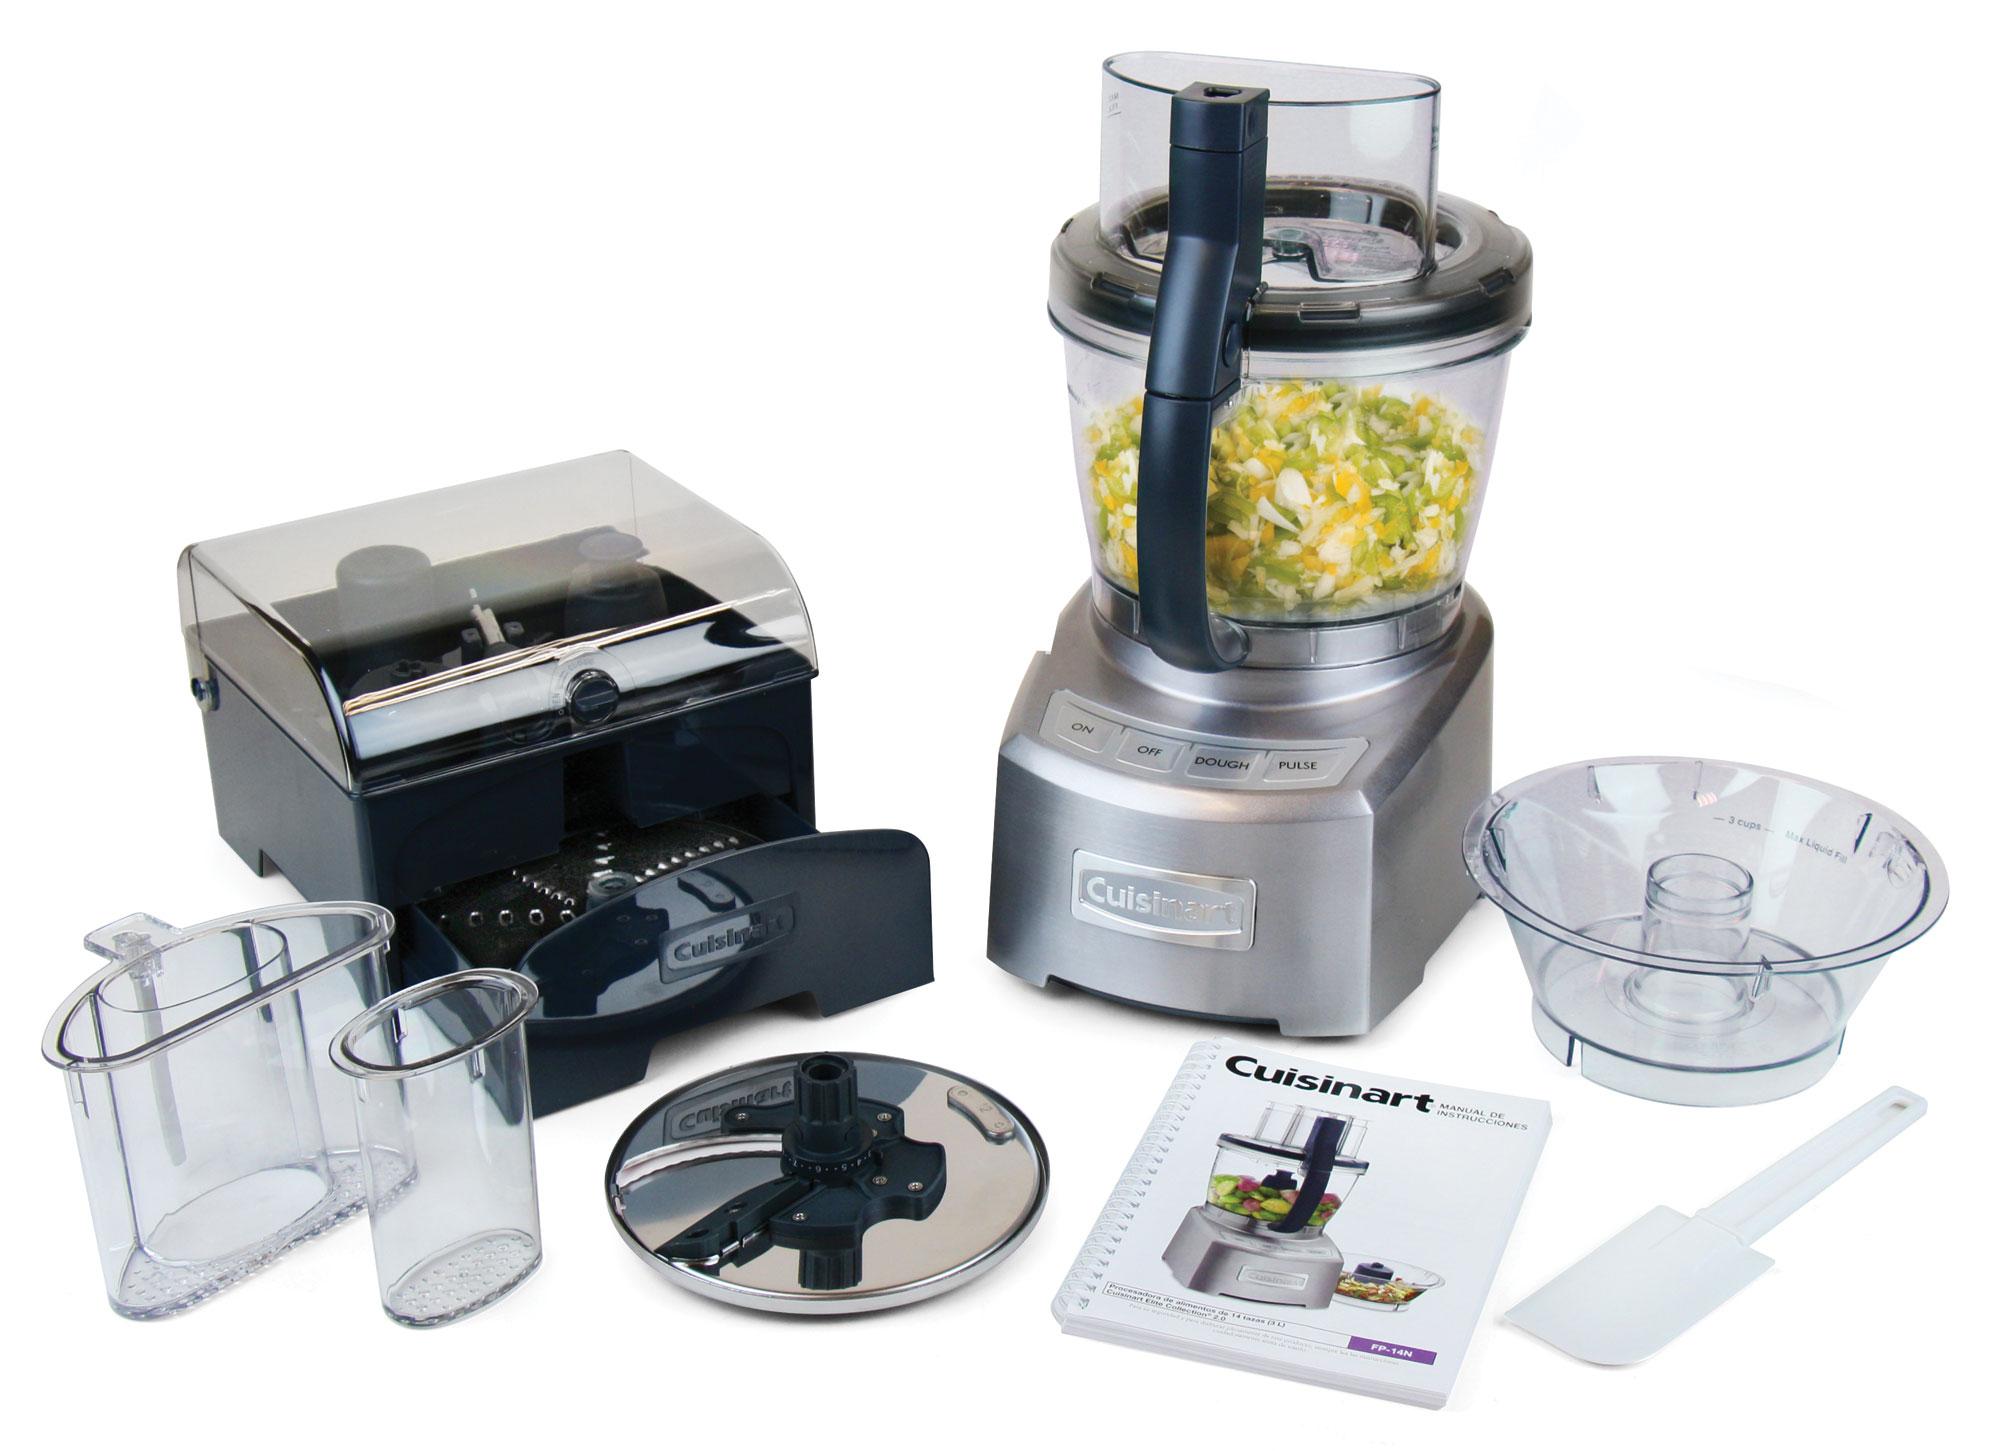 Cuisinart Elite Die Cast Food Processor 14 Cup Cutlery